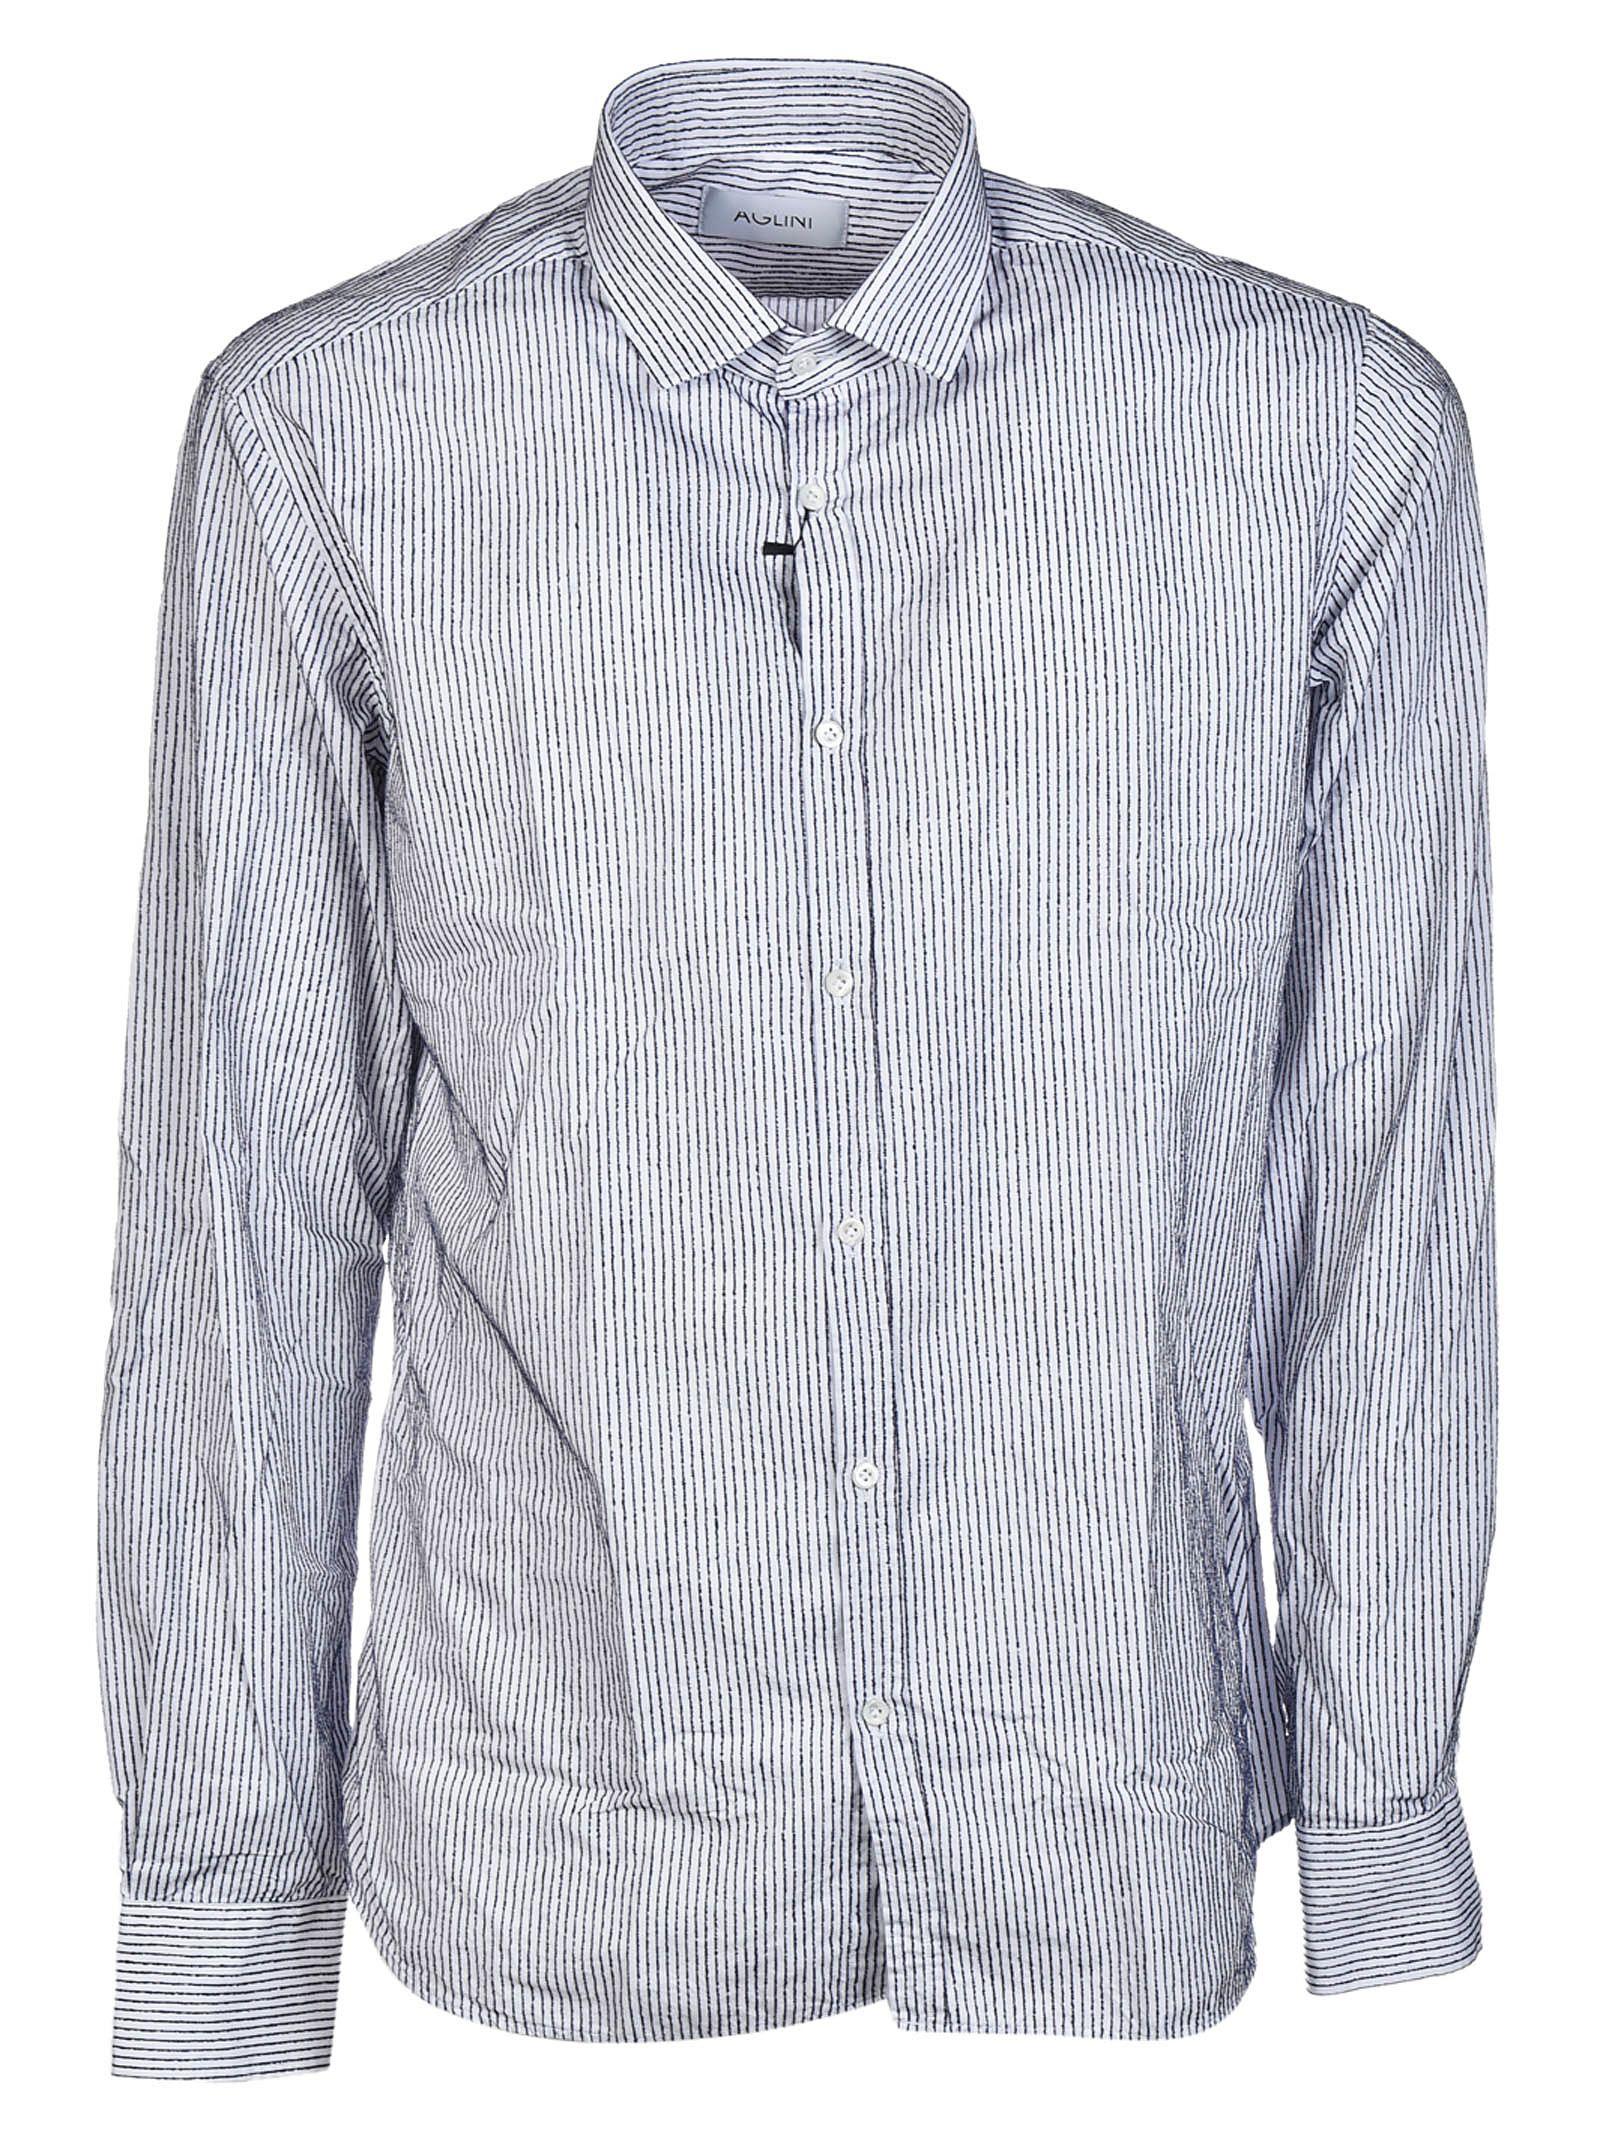 Aglini David Shirt